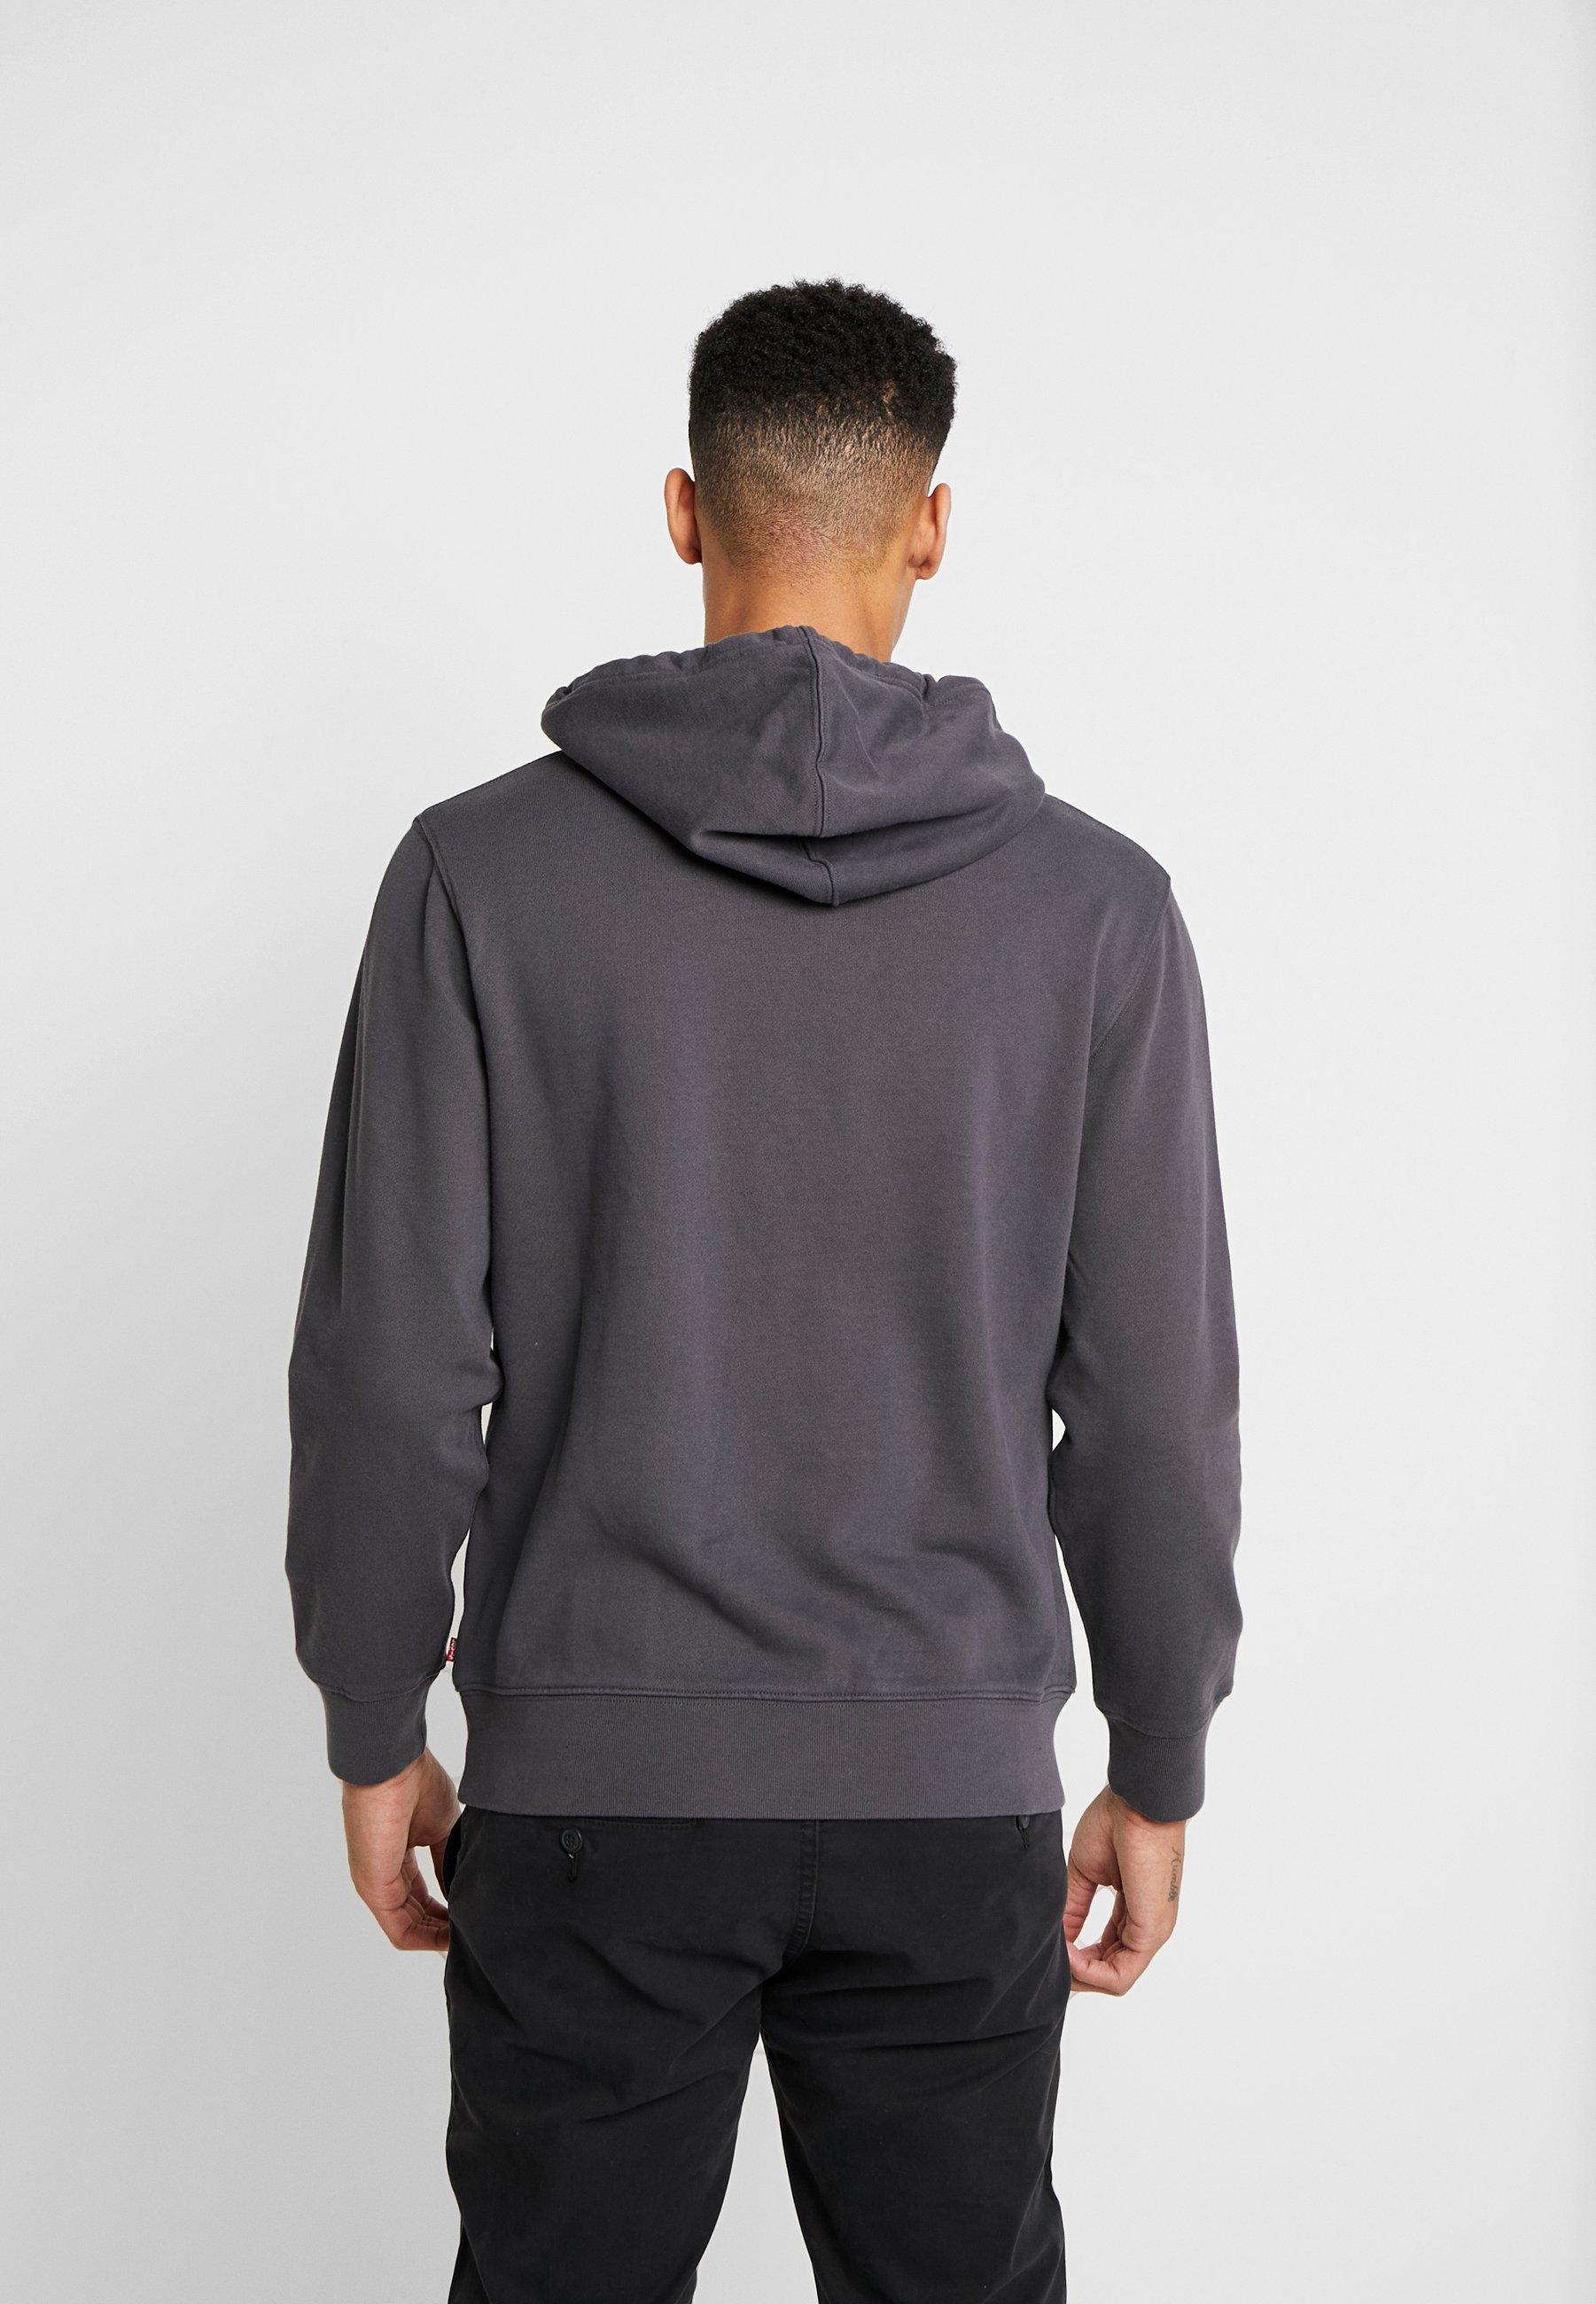 Täydellinen Miesten vaatteet Sarja dfKJIUp97454sfGHYHD Levi's® GRAPHIC HOODIE Huppari dark grey